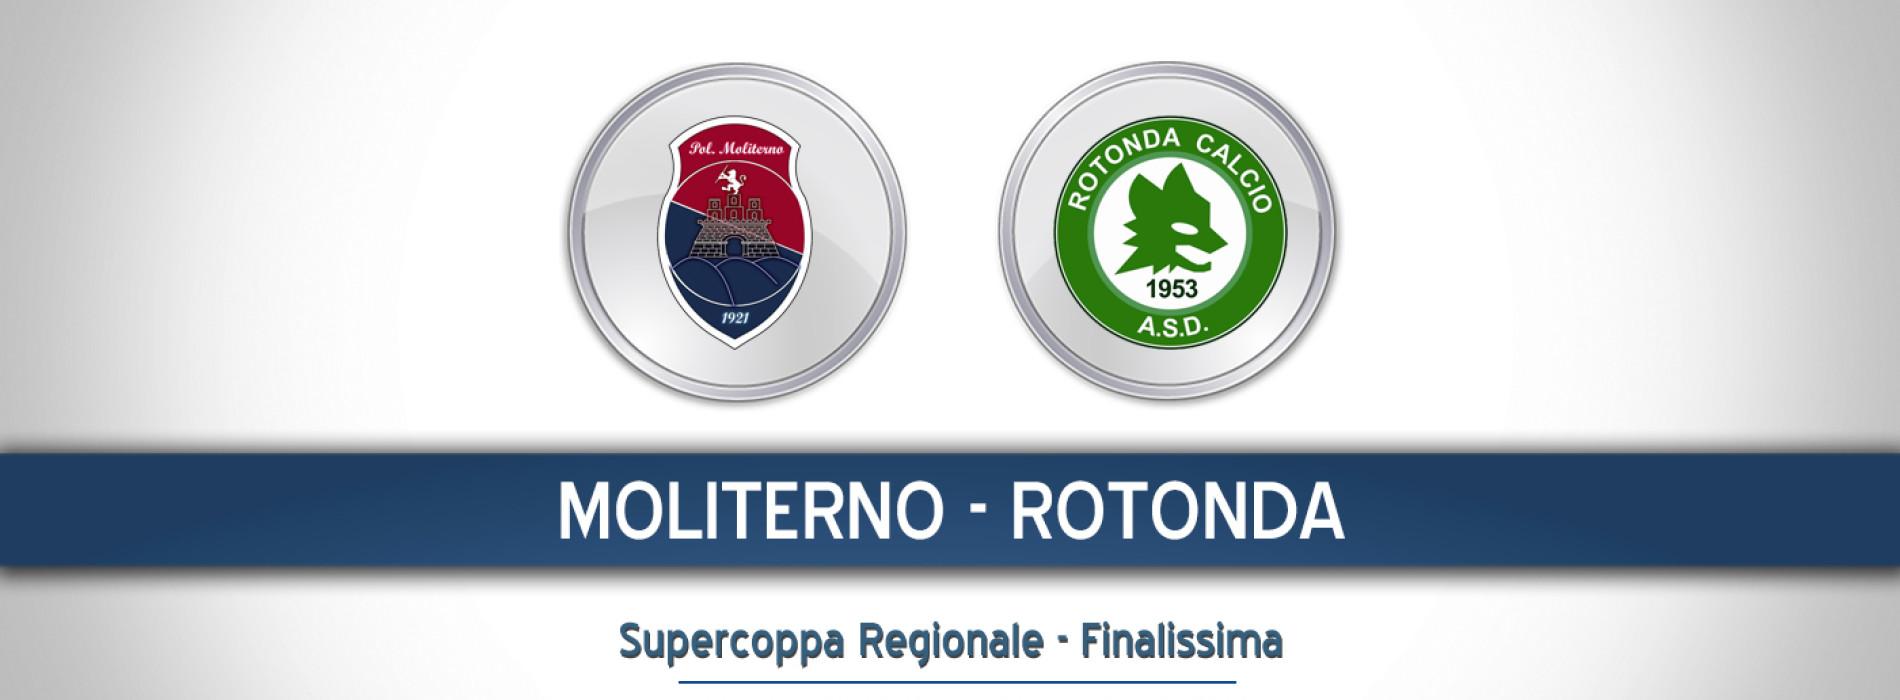 Diretta streaming della Supercoppa regionale su Lnd Basilicata channel